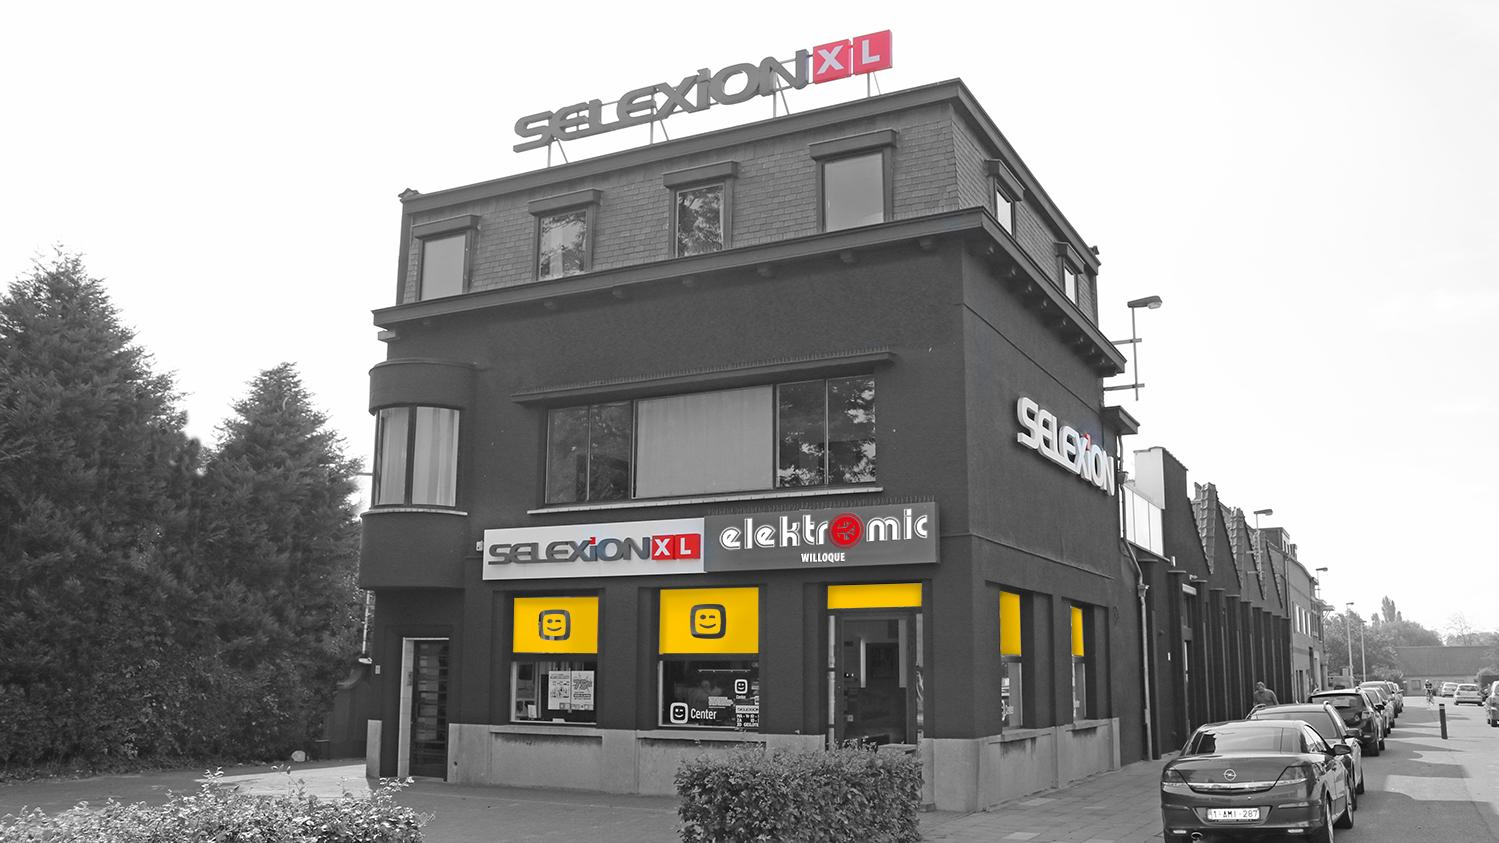 ELEKTROMIC - Lier<br>Mechelsesteenweg 221<br>2500 Lier<br>+32 34 89 04 77